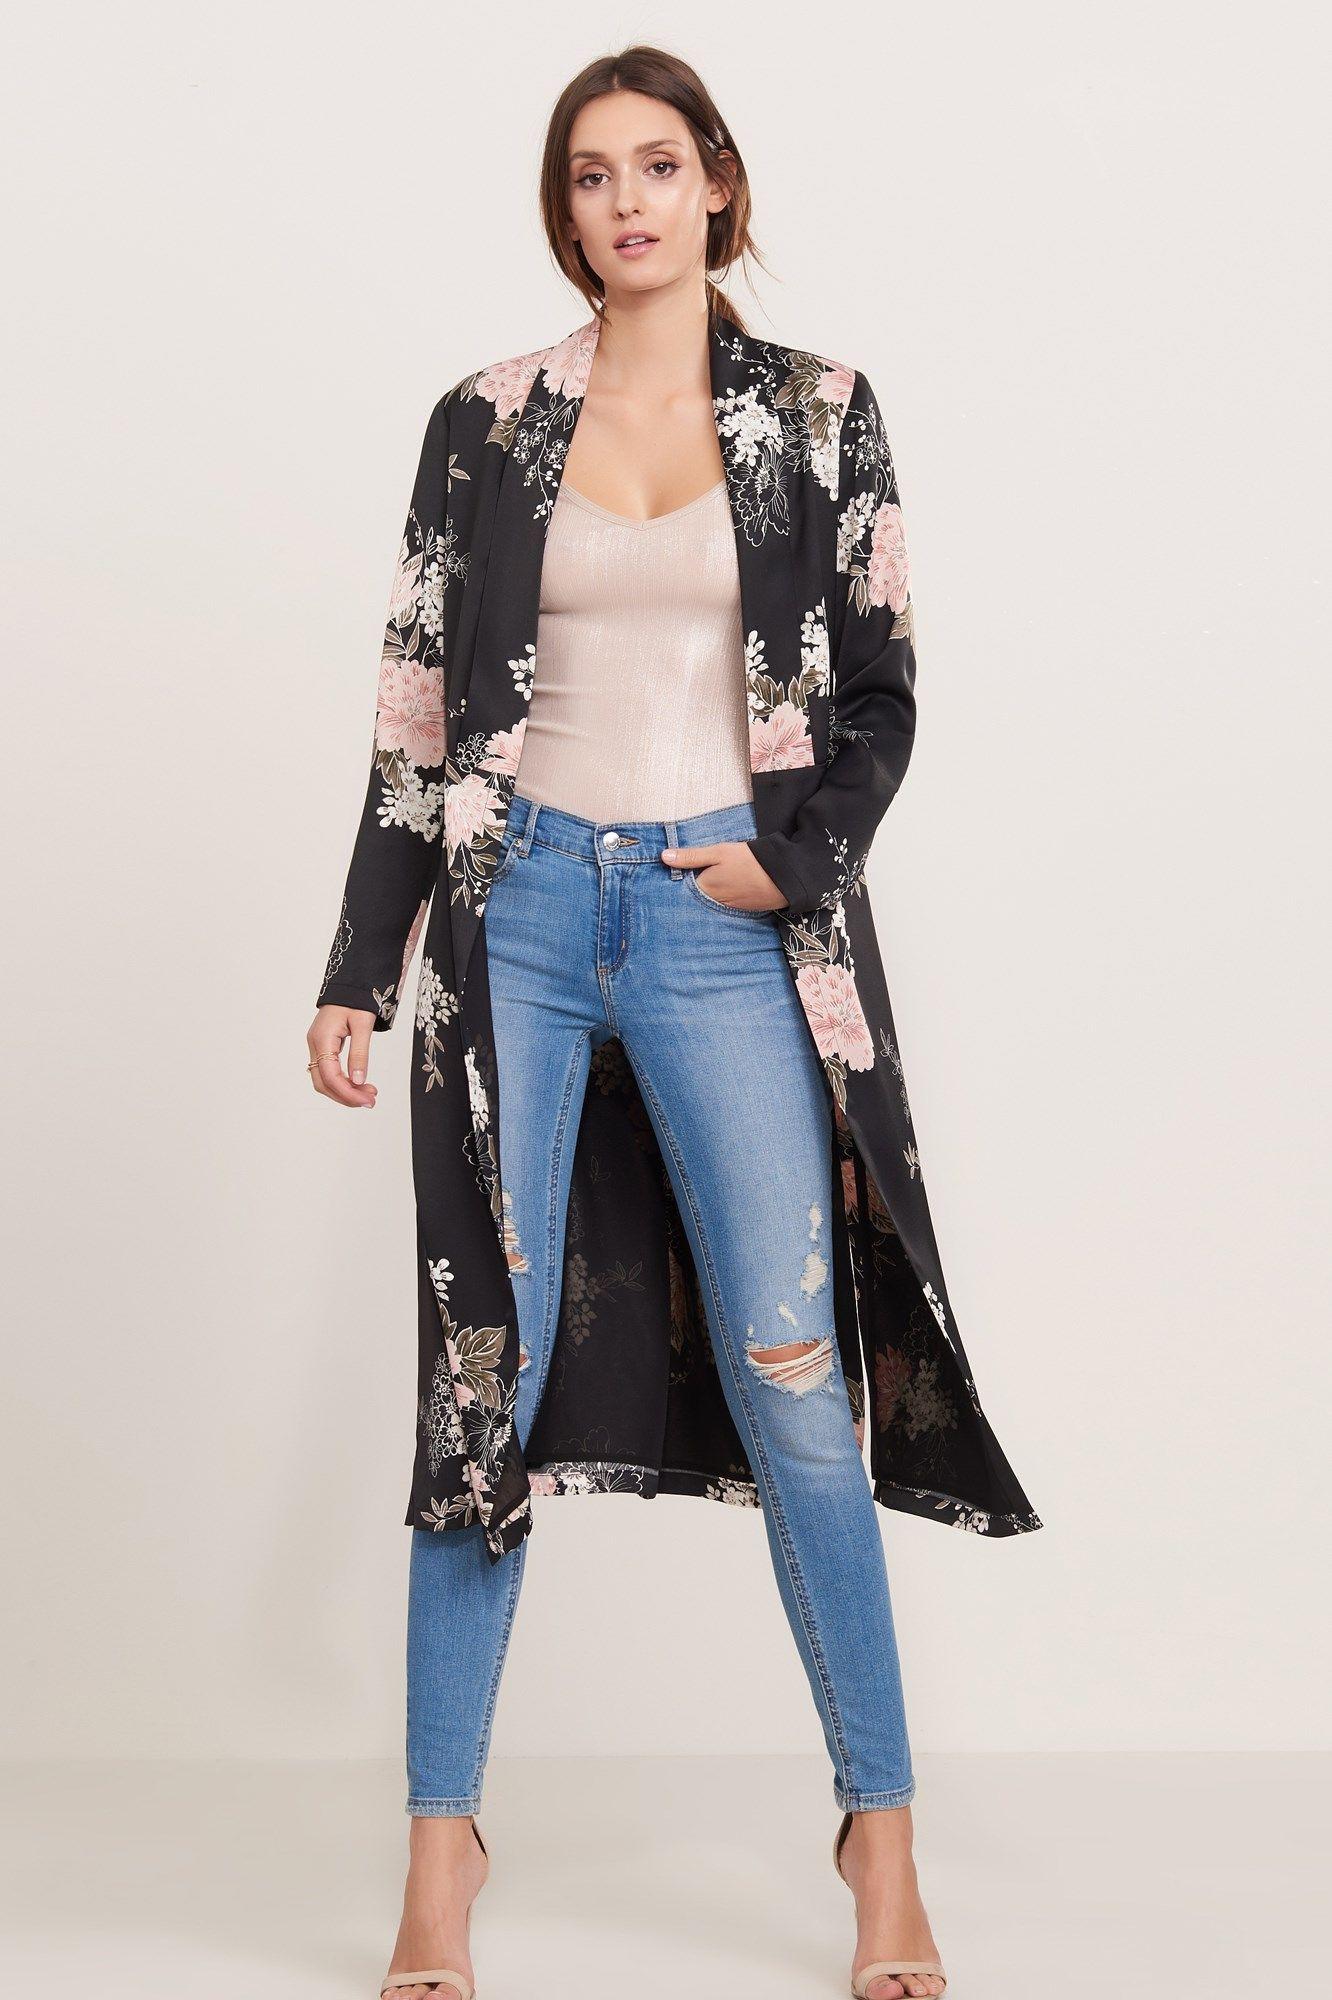 Clarissa Archer denim, jeans, coat outfits for women